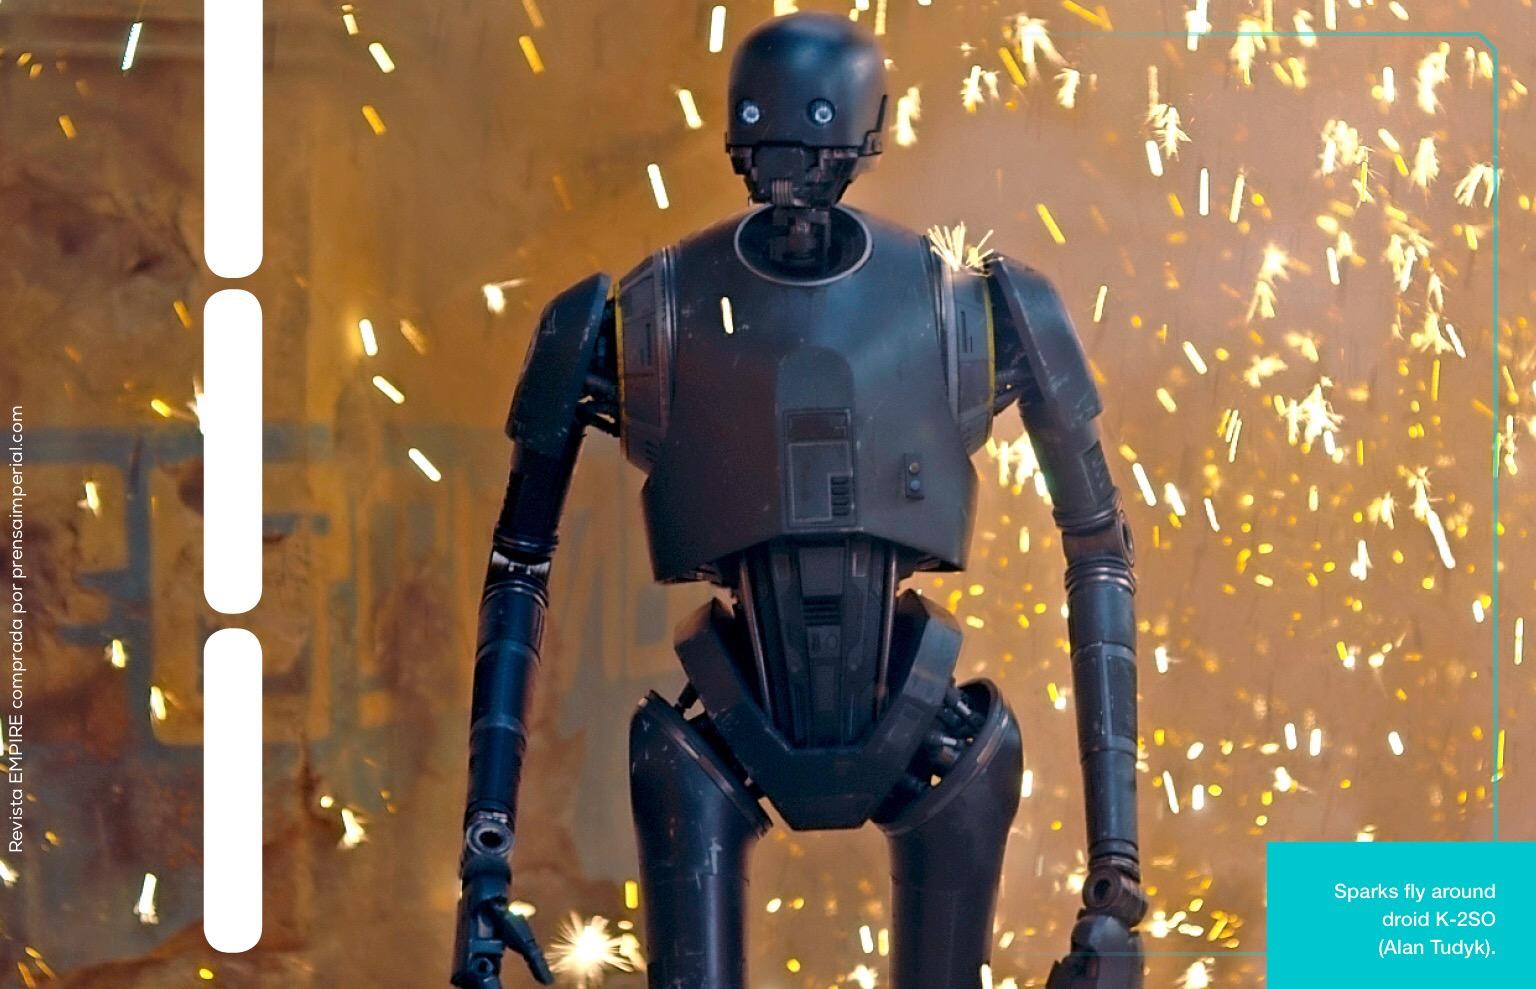 Ciekawostki o Łotr 1: Alan Tudyk jako K-2SO. Jak tworzono droida?